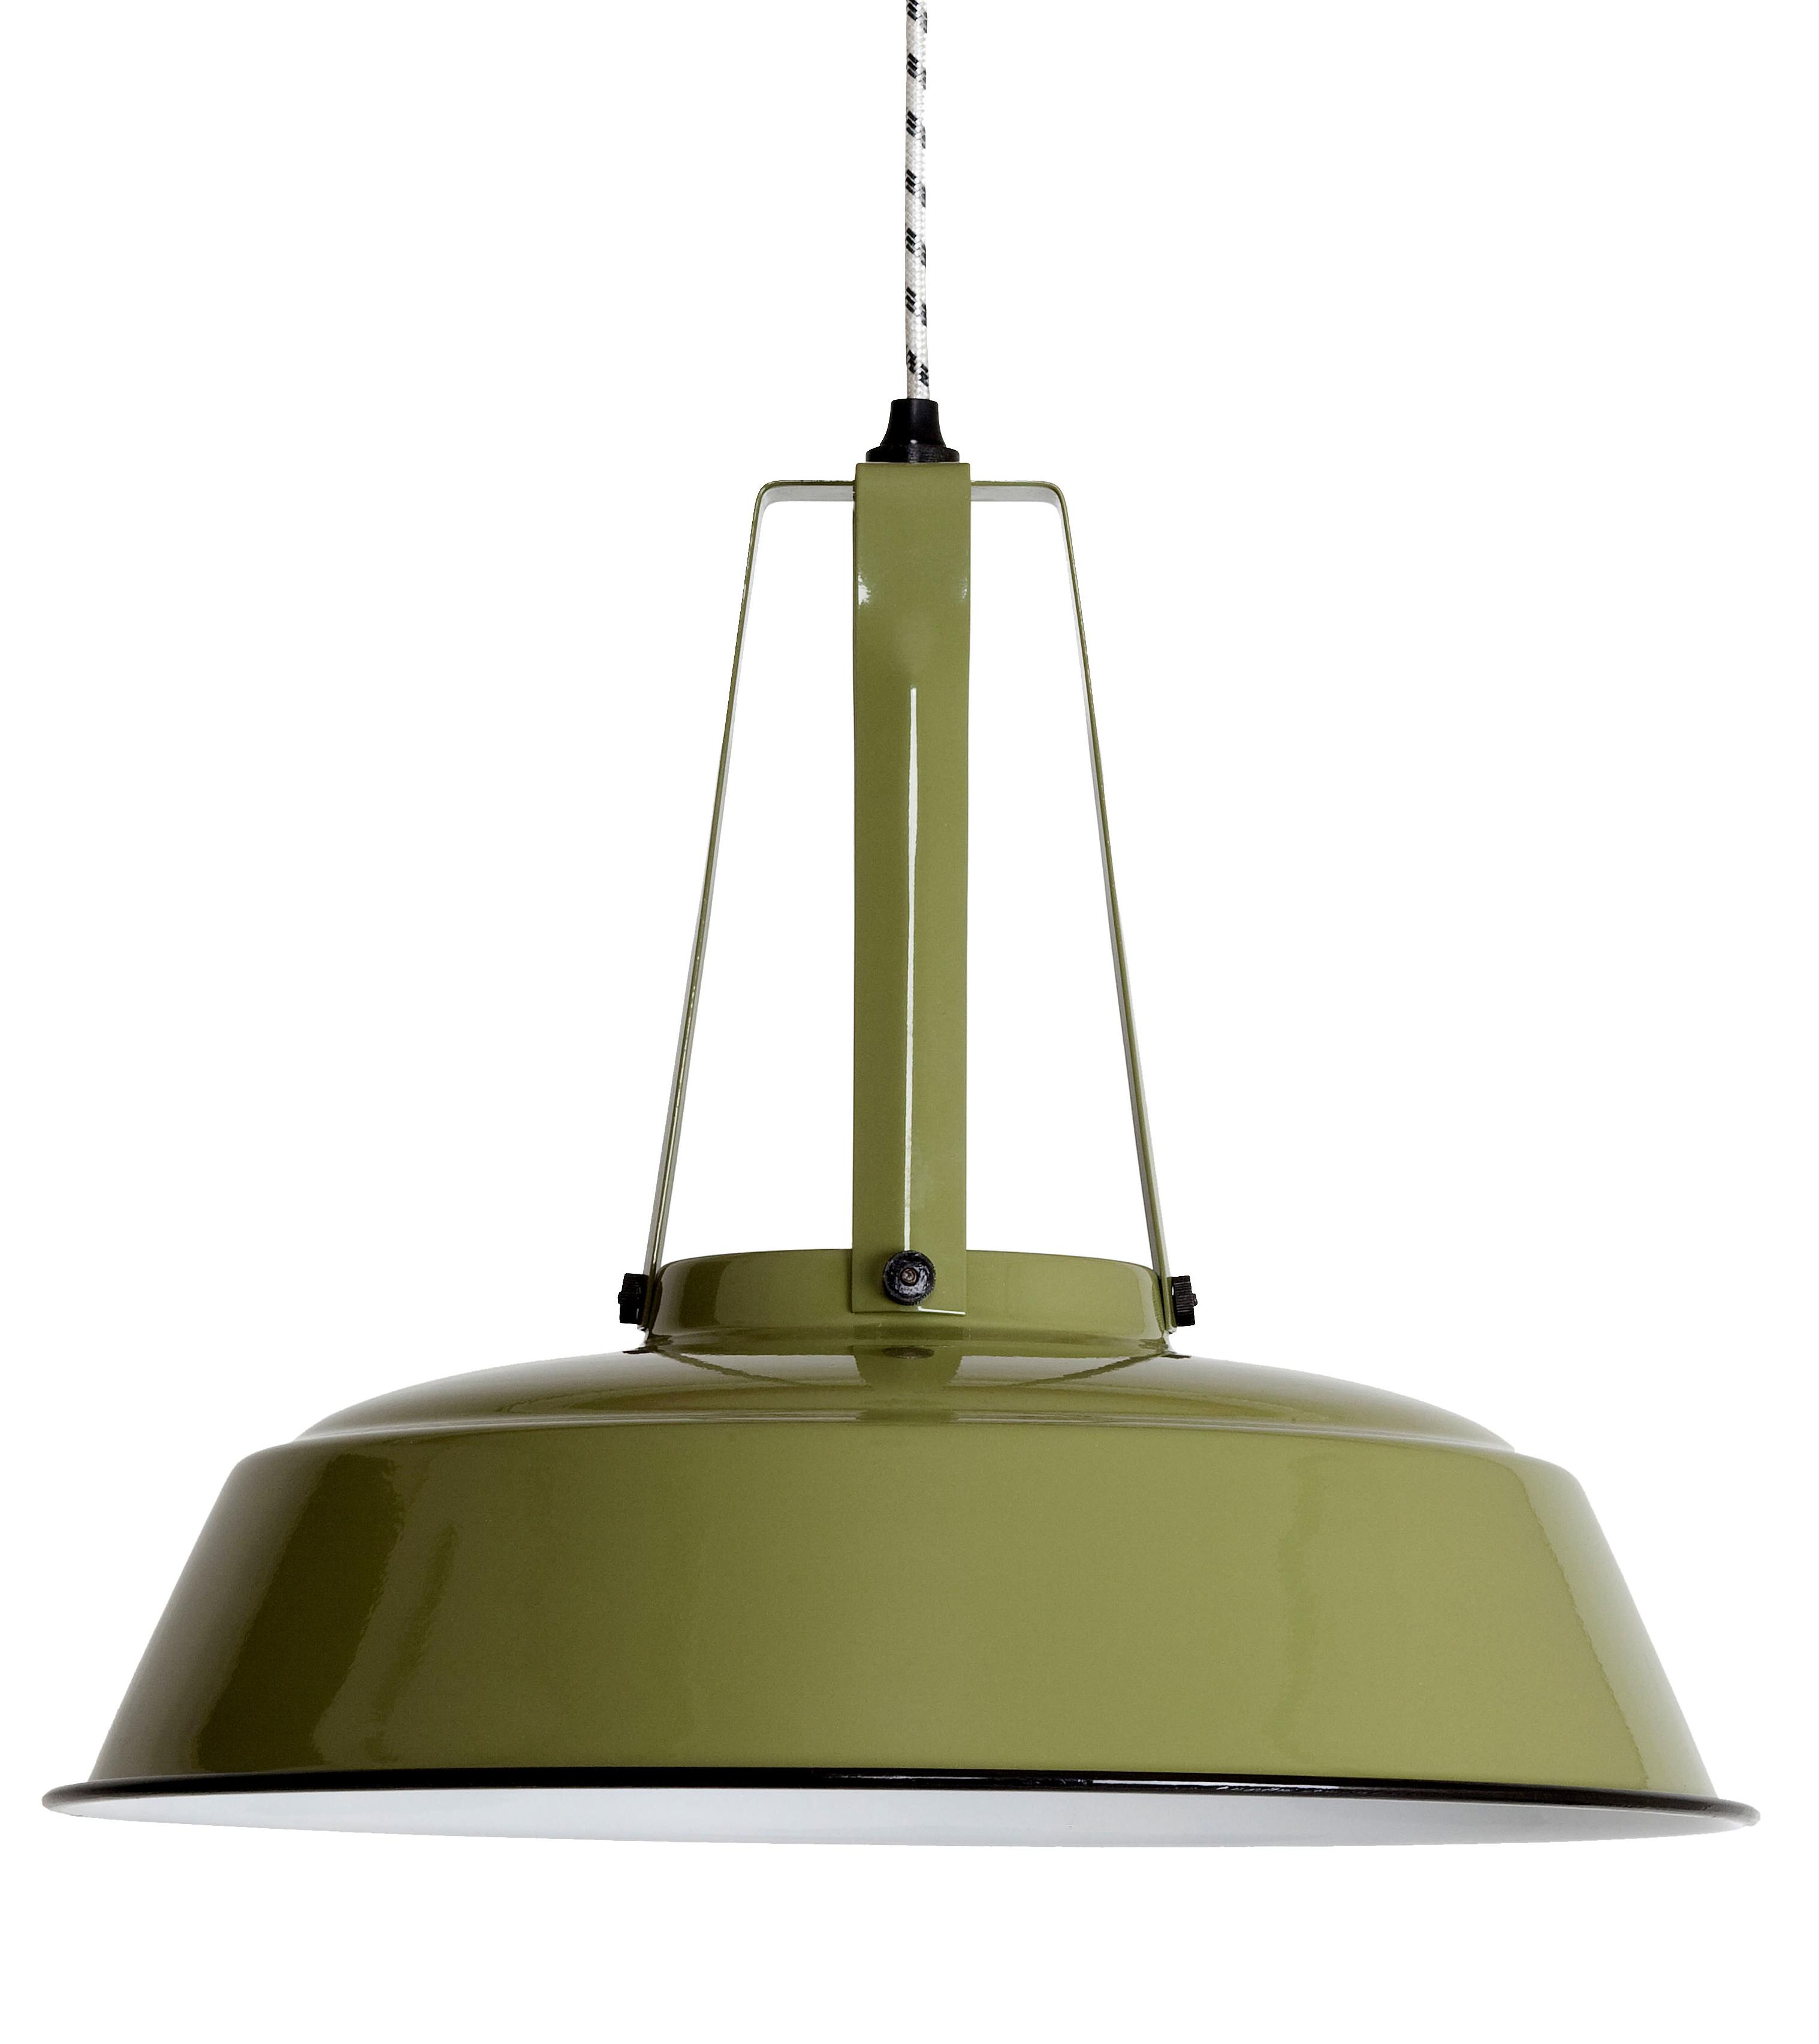 Lampa Workshop L, Zielona - VAA1022